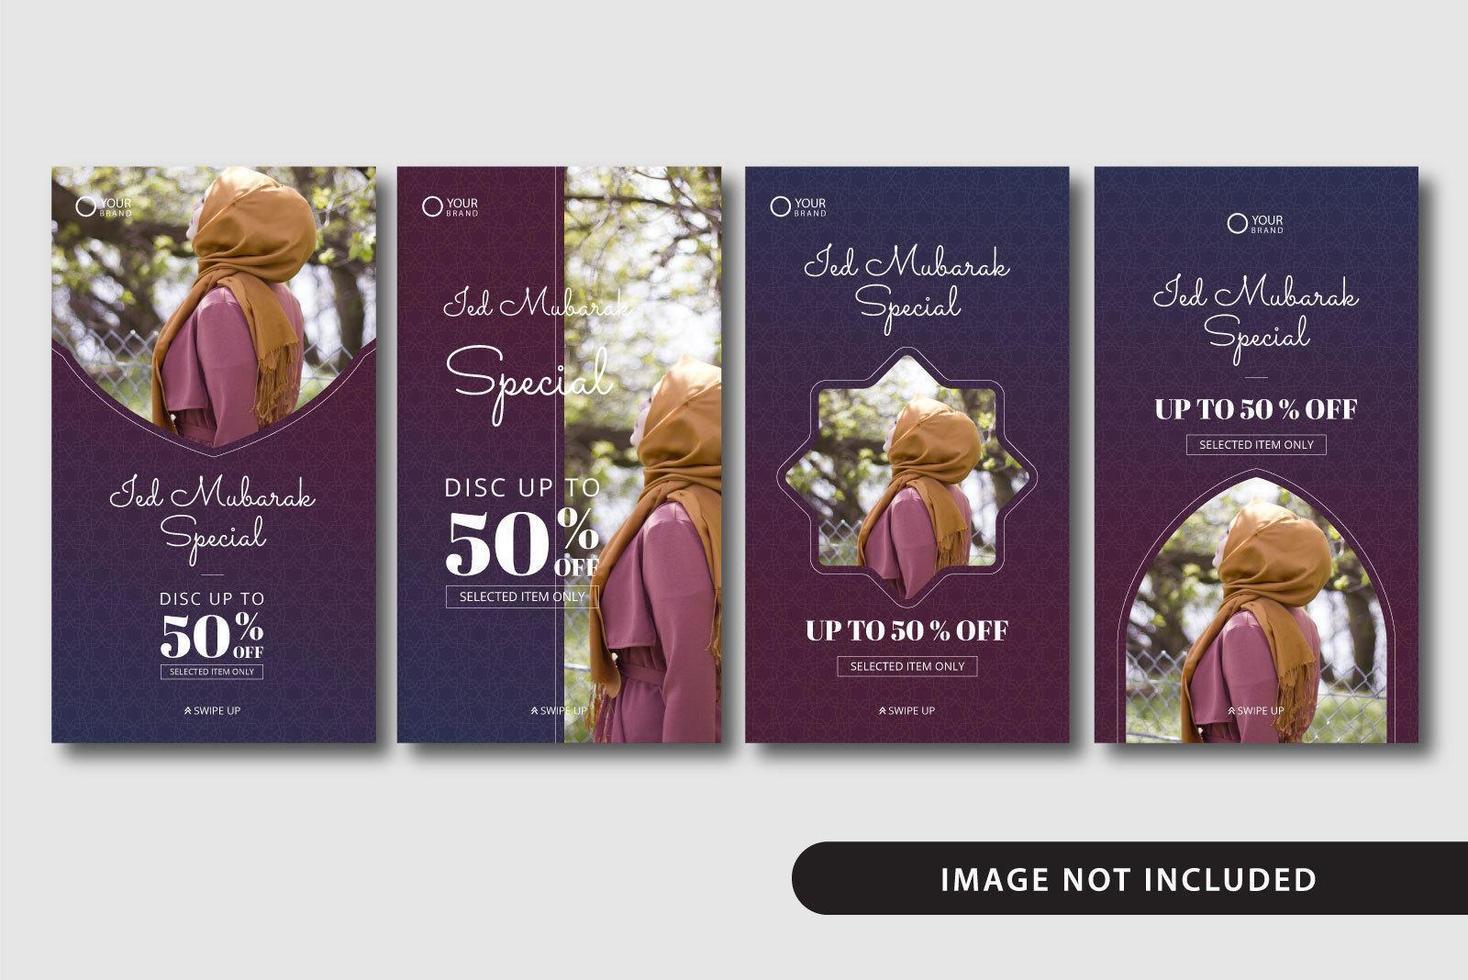 ied mubarak försäljning mallar för sociala medier vektor